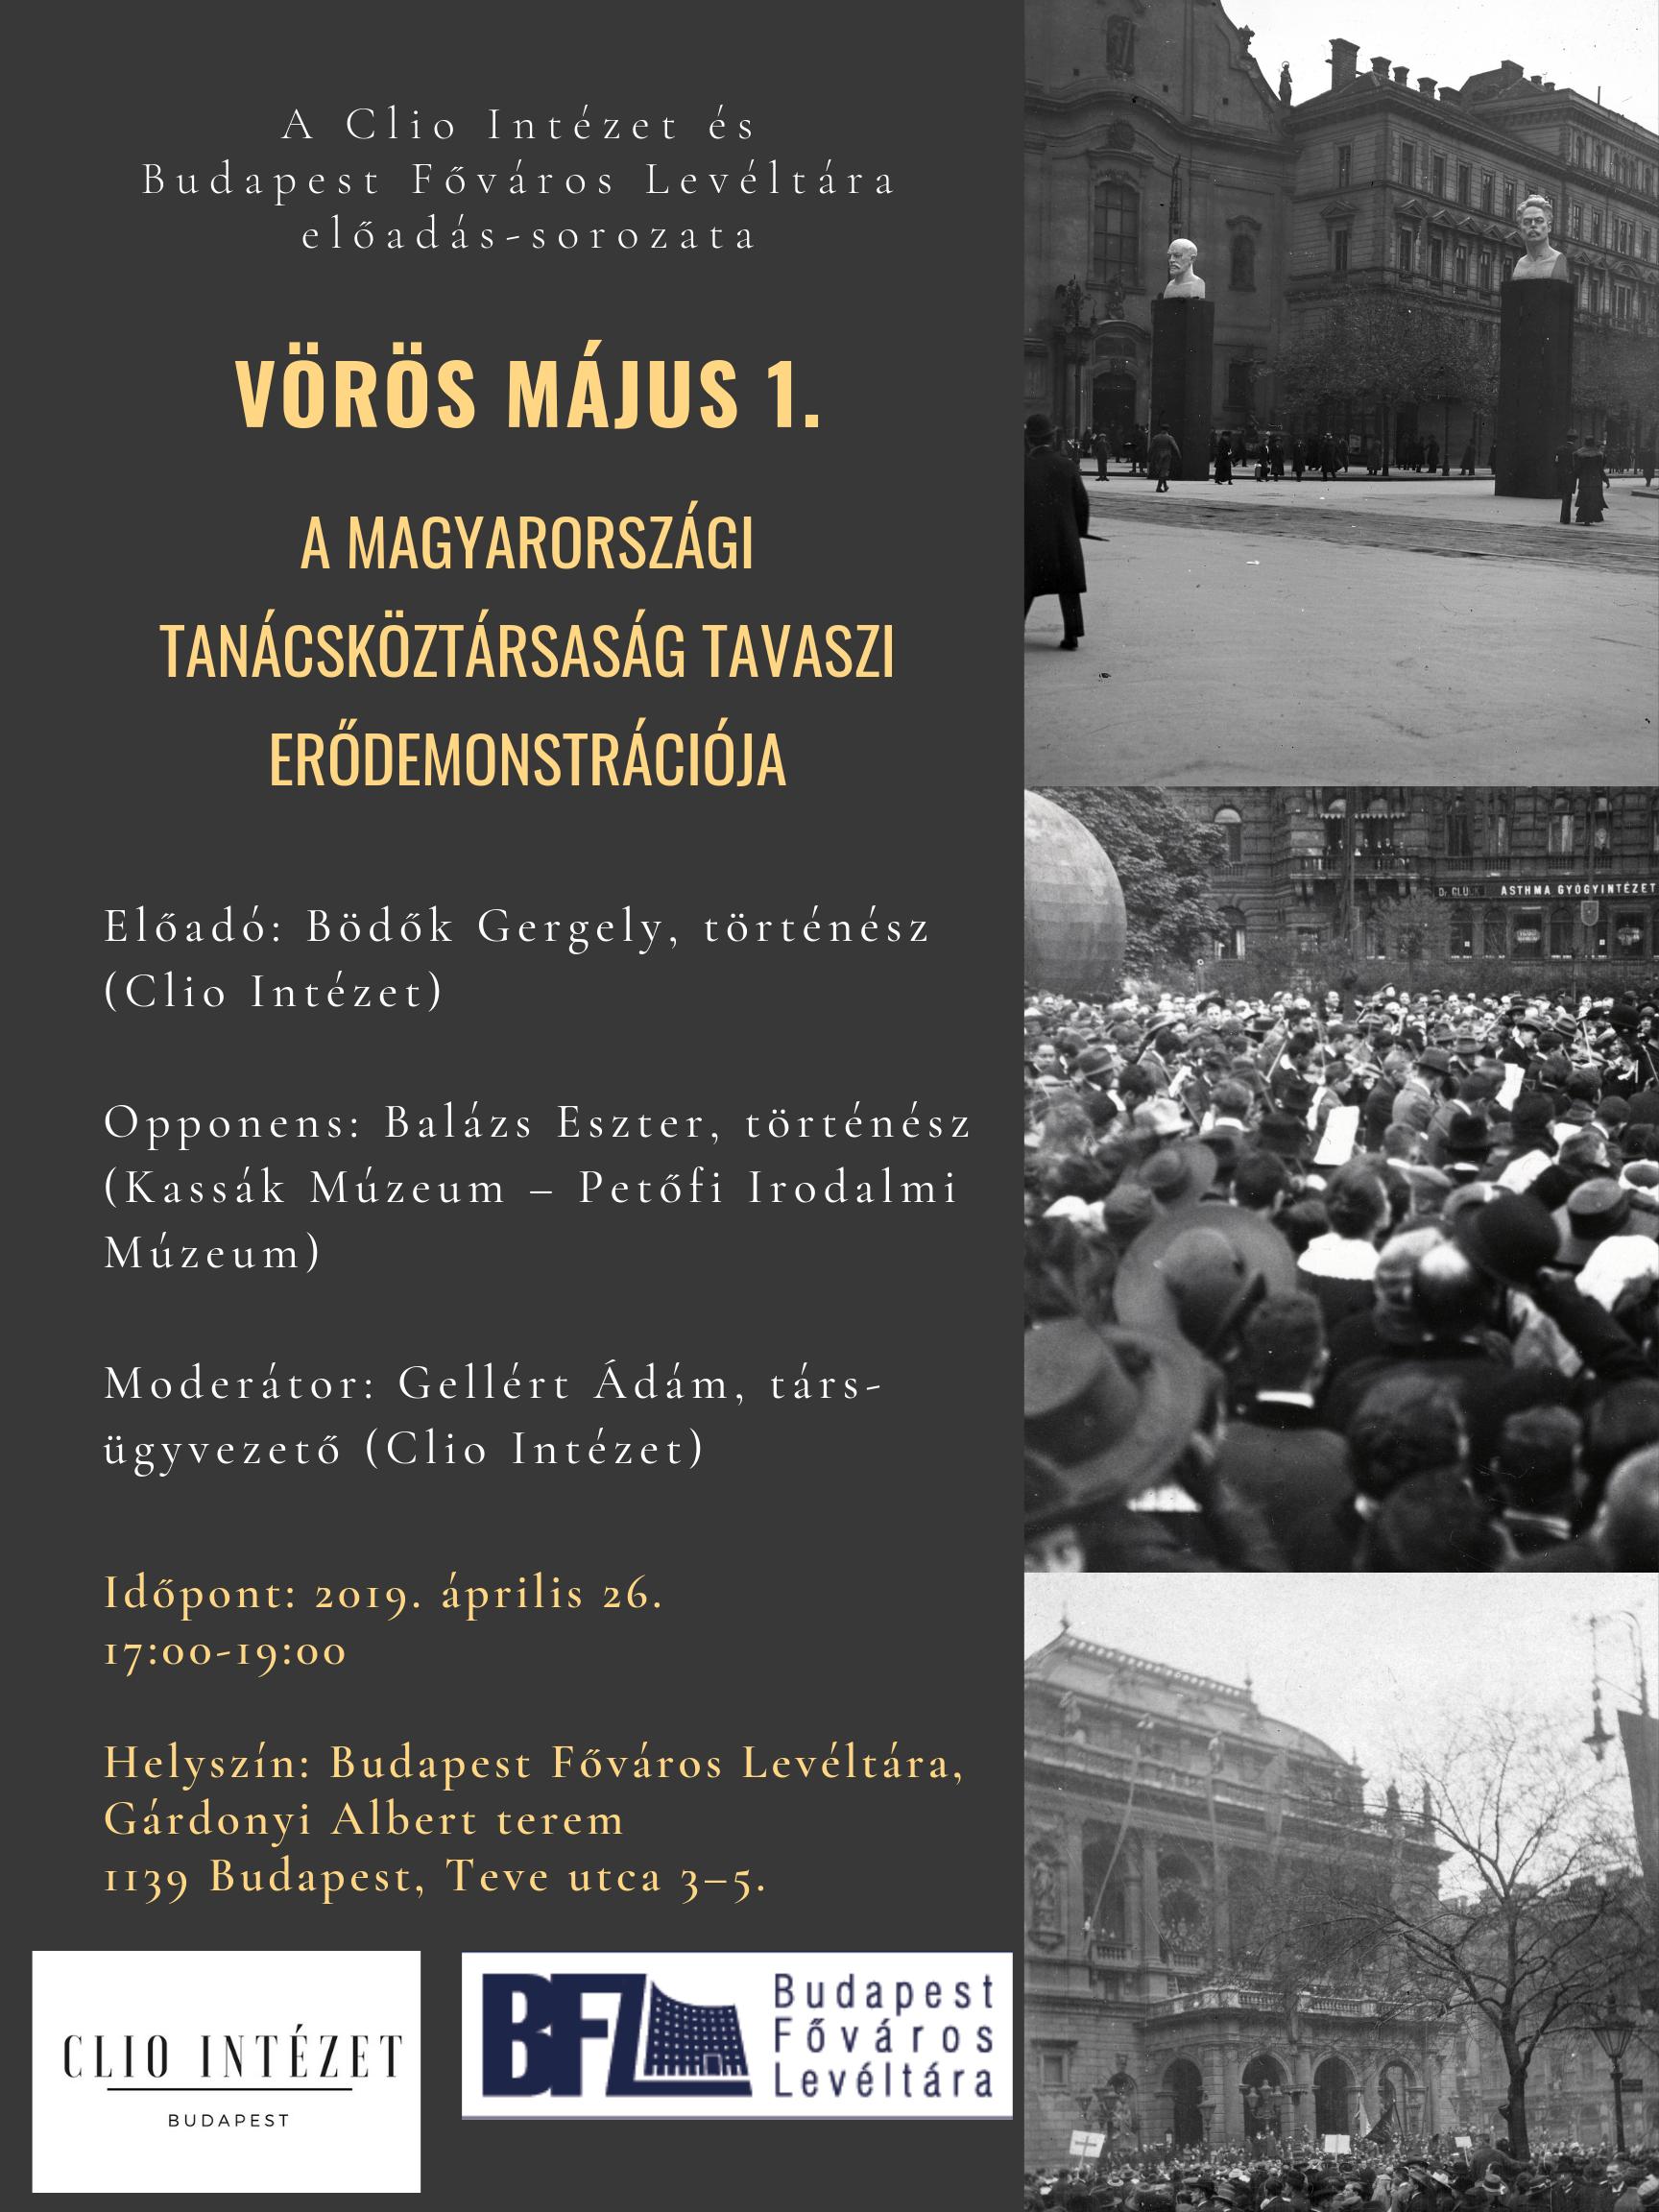 19-04-26_poszter_master2.png